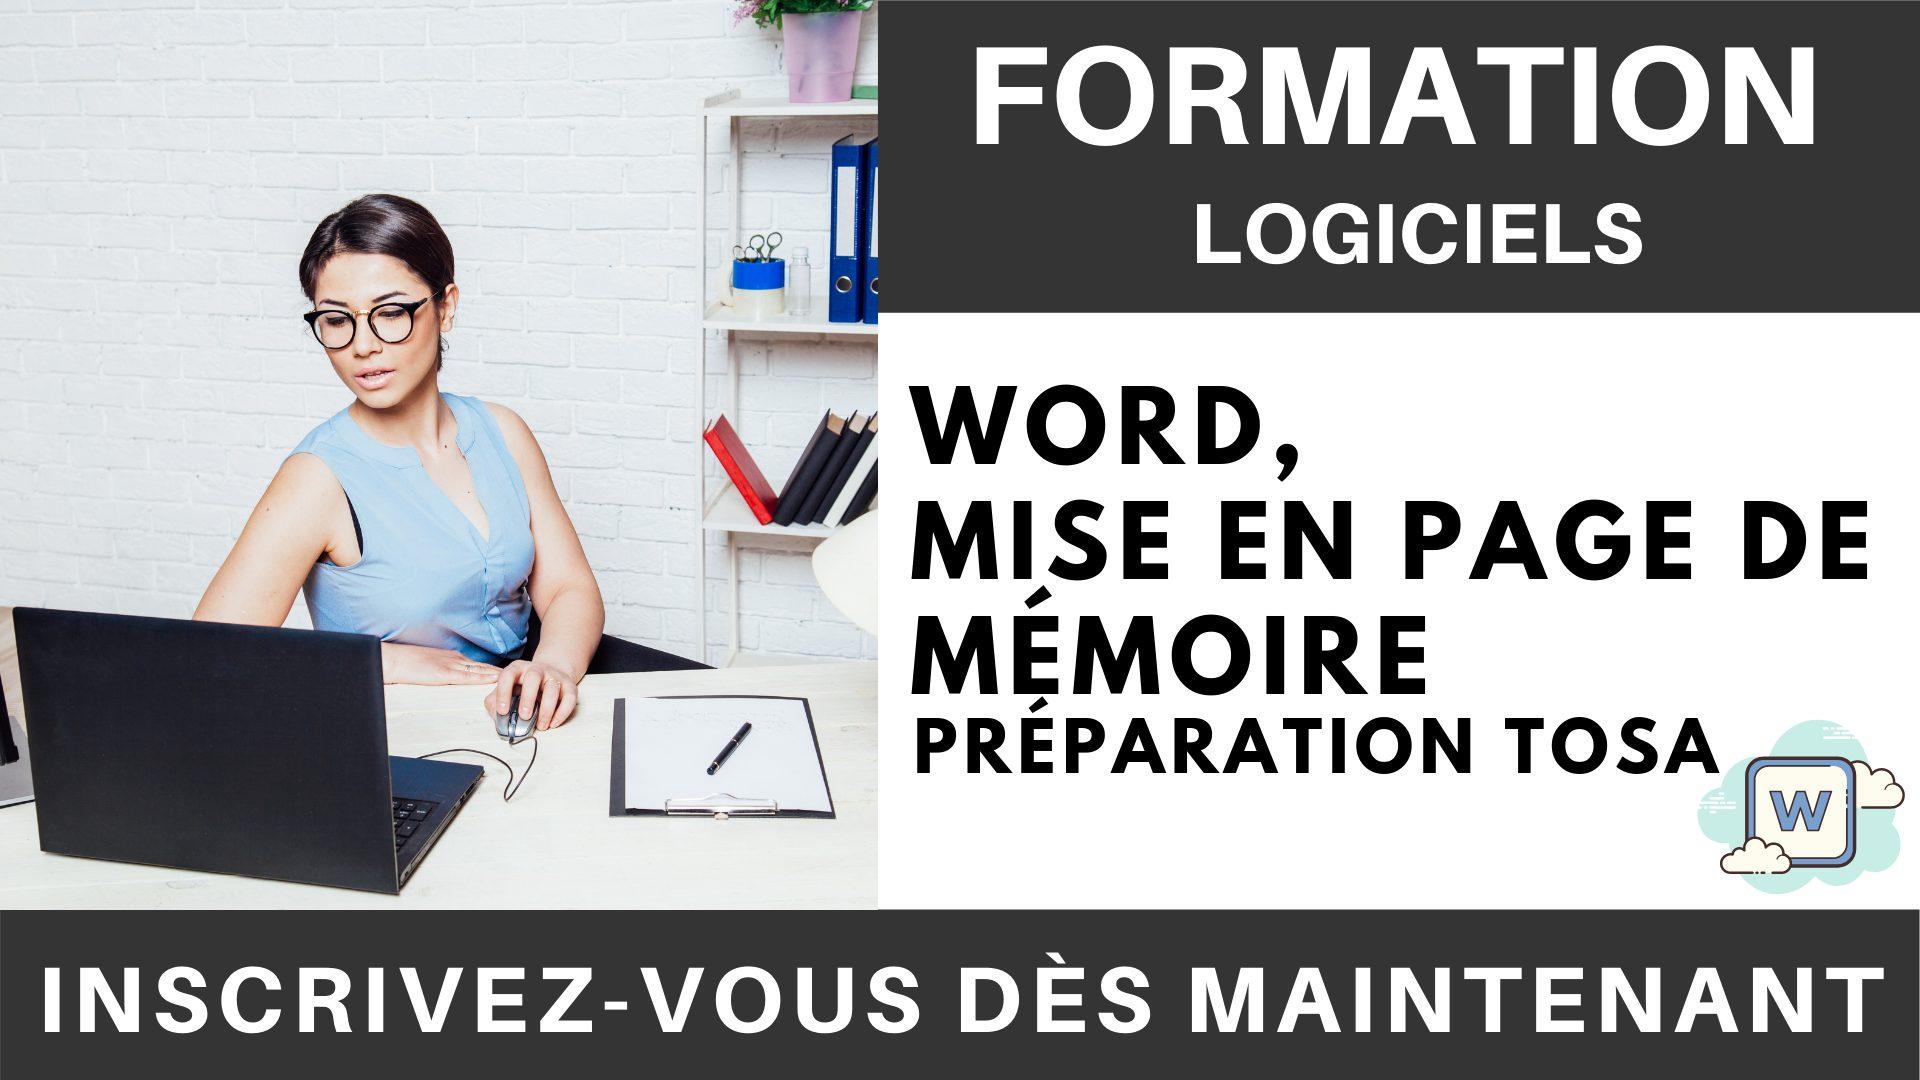 Formation LOGICIEL - Word, Mise en page de Mémoire - Préparation TOSA